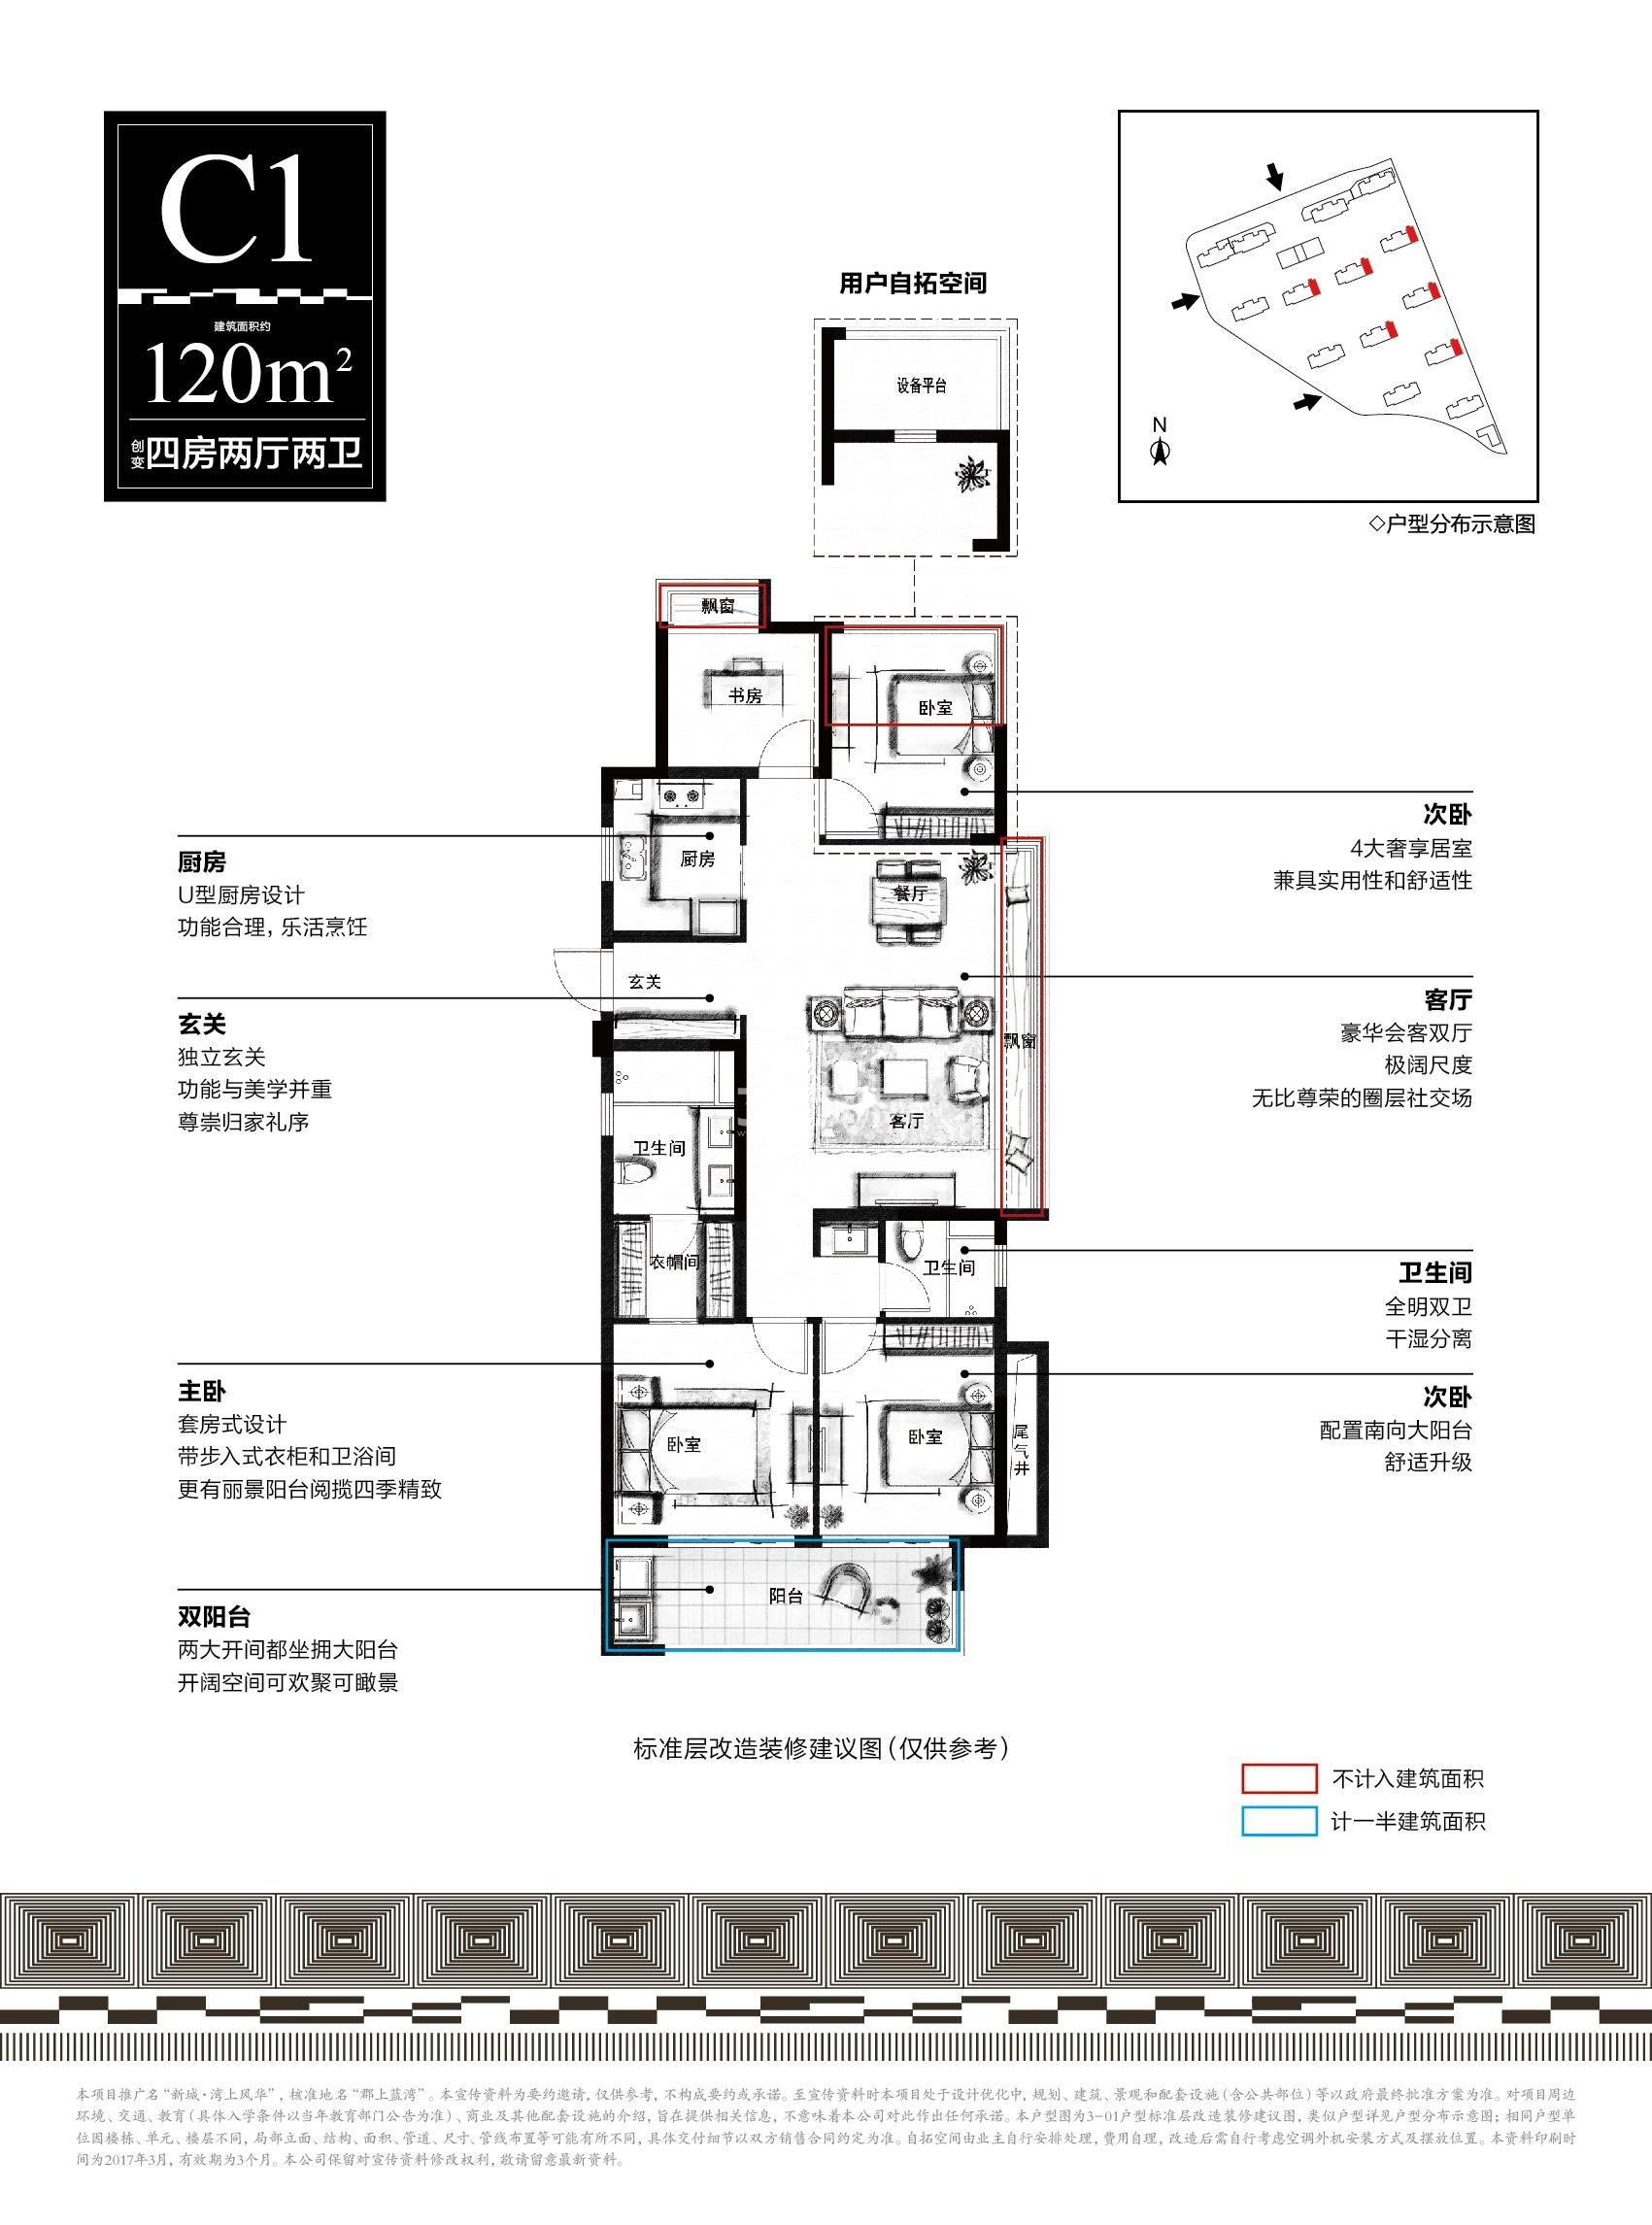 新城湾上风华C1户型图120方(3、5、8-11#)